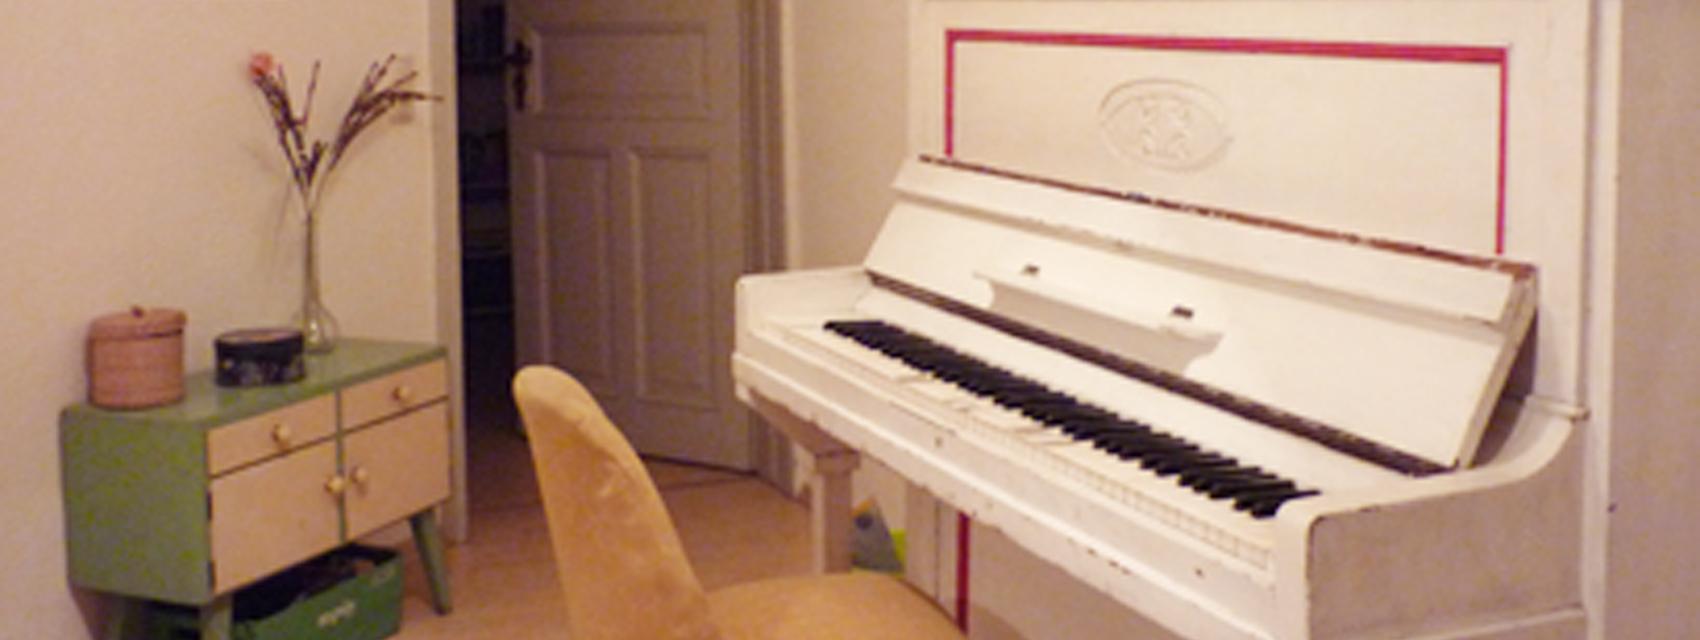 kleiner Raum mit Piano